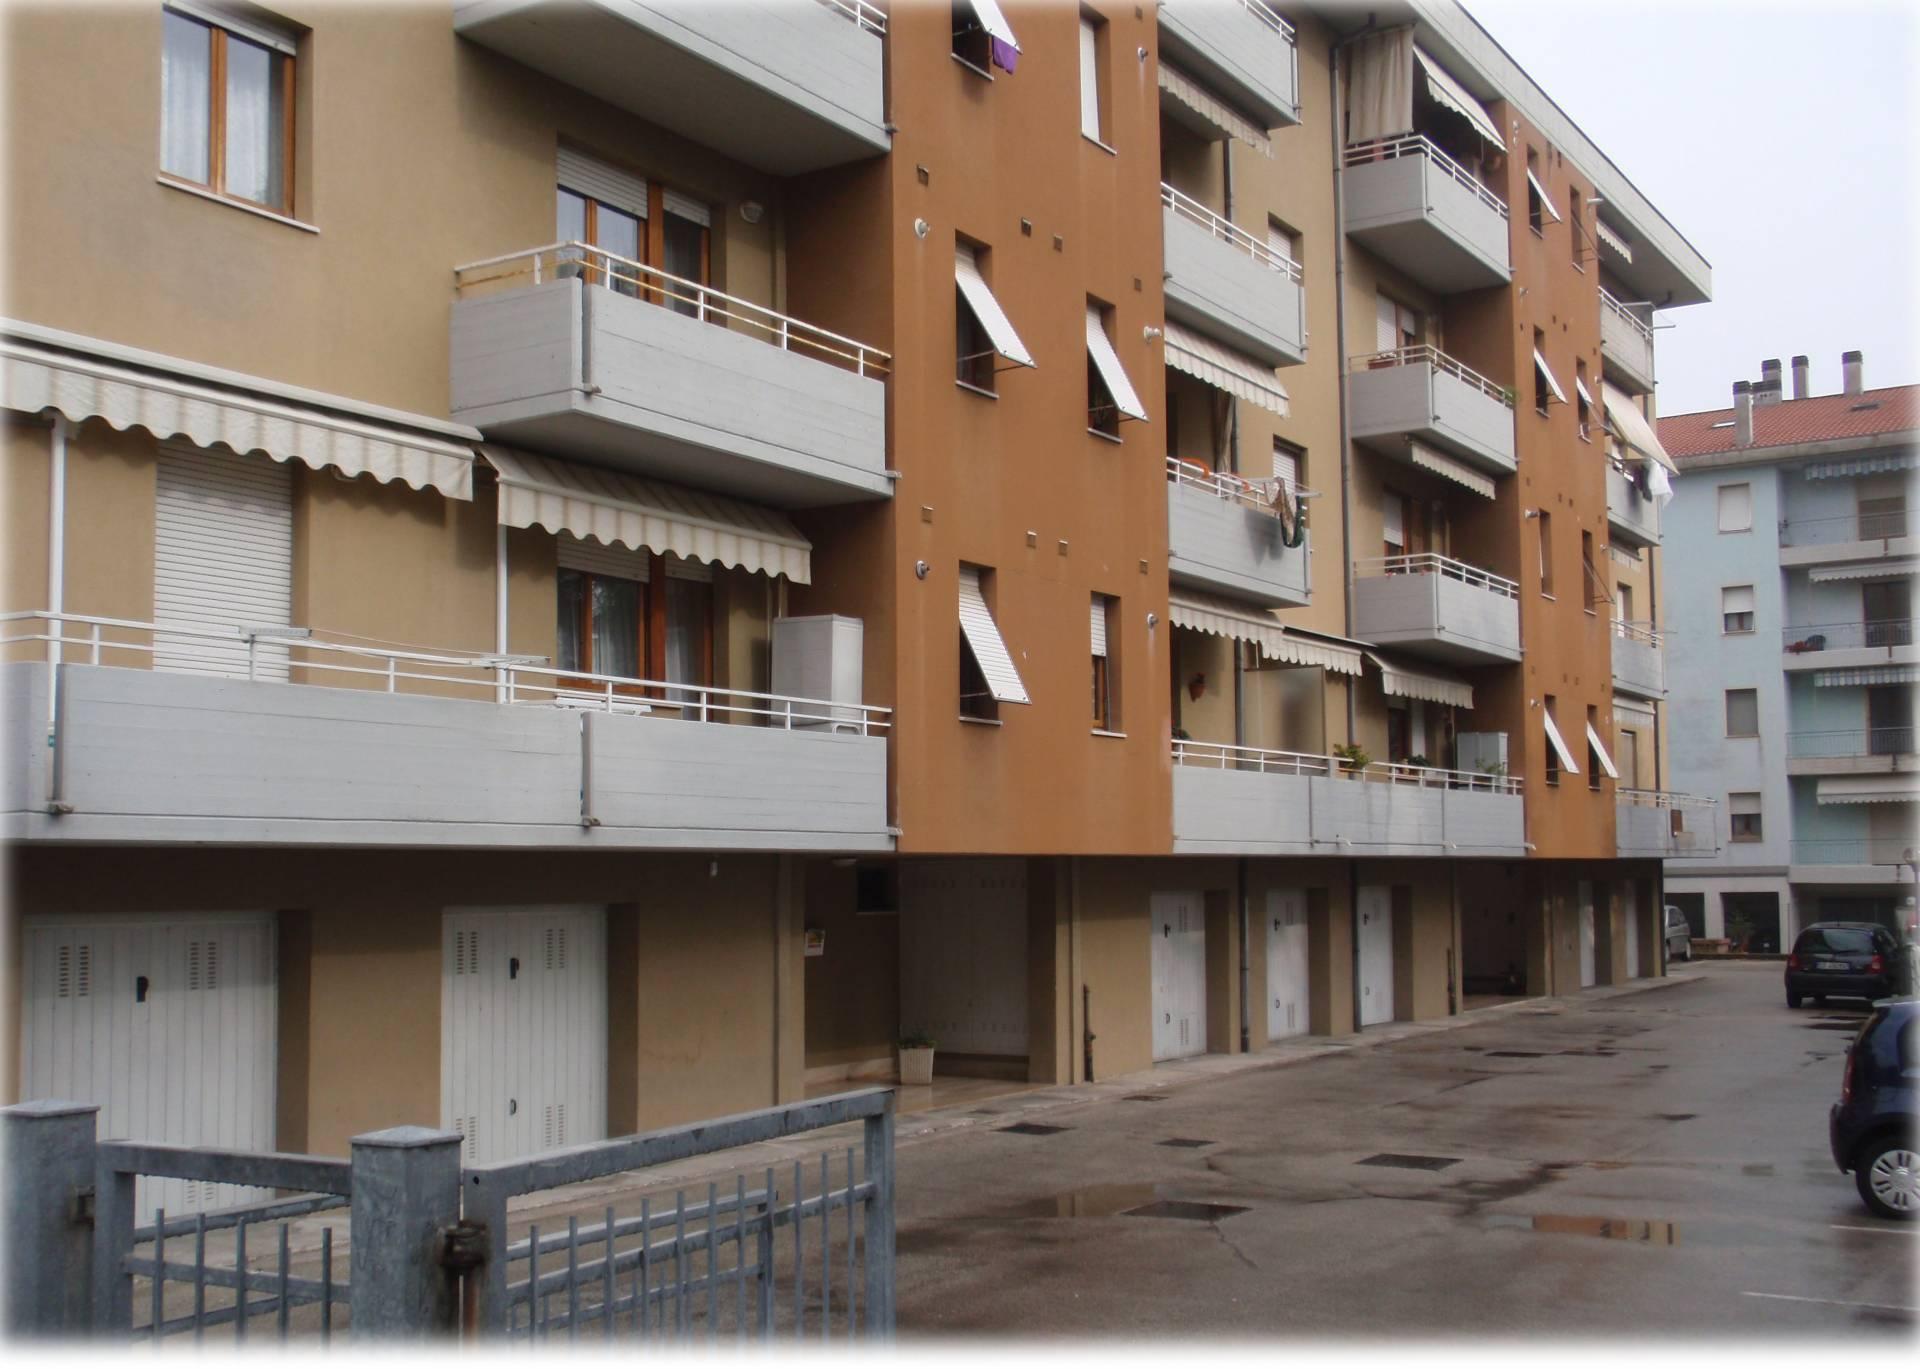 Appartamento in vendita a Monte San Vito, 4 locali, zona Zona: Borghetto, prezzo € 105.000 | Cambio Casa.it